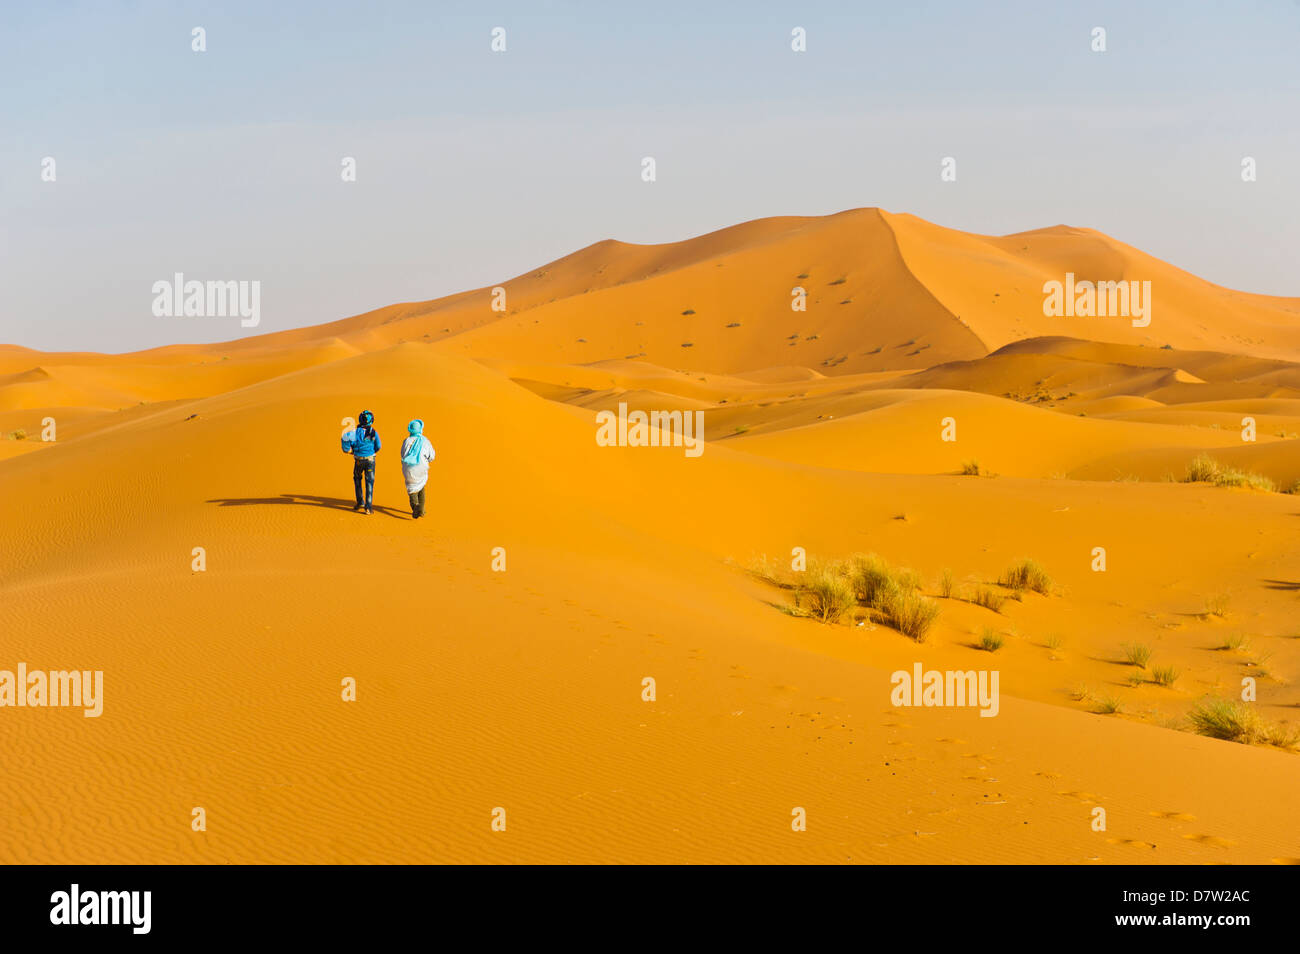 Two Berber men walking in the sand dunes of Erg Chebbi Desert, Sahara Desert near Merzouga, Morocco, North Africa Stock Photo